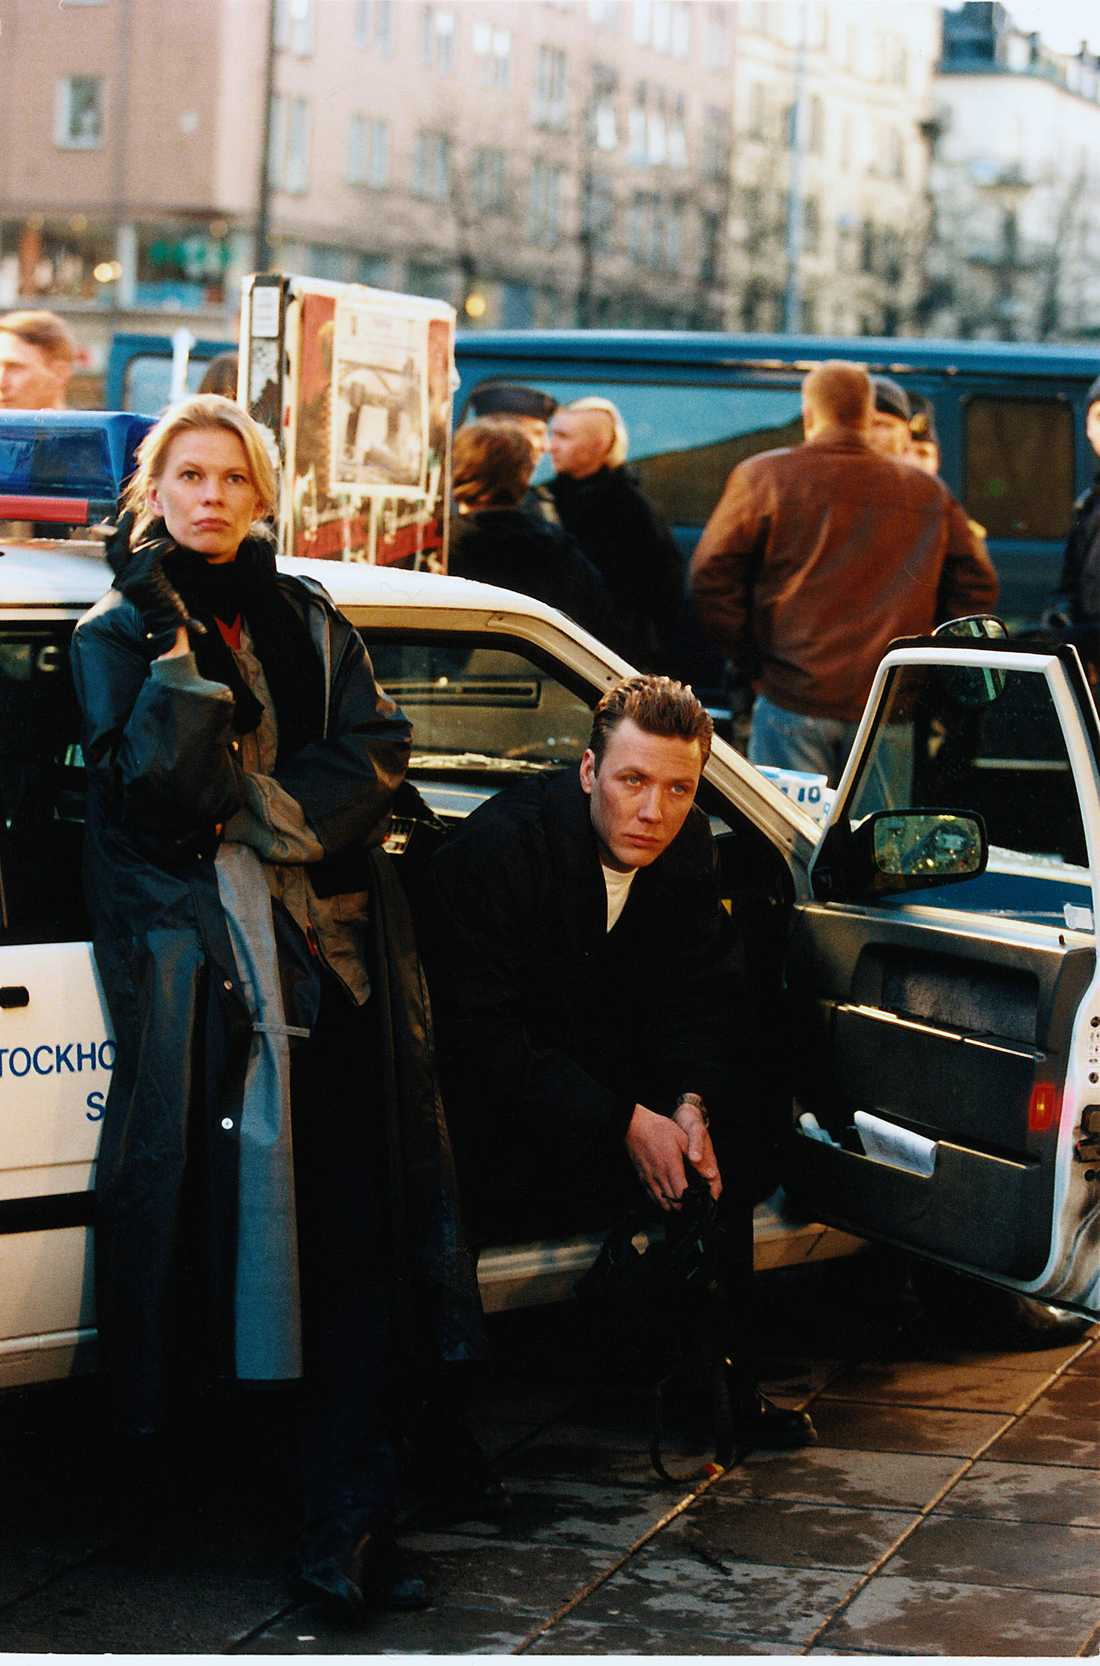 """Stina Rautelin och Mikael Persbrandt i """"Beck""""."""